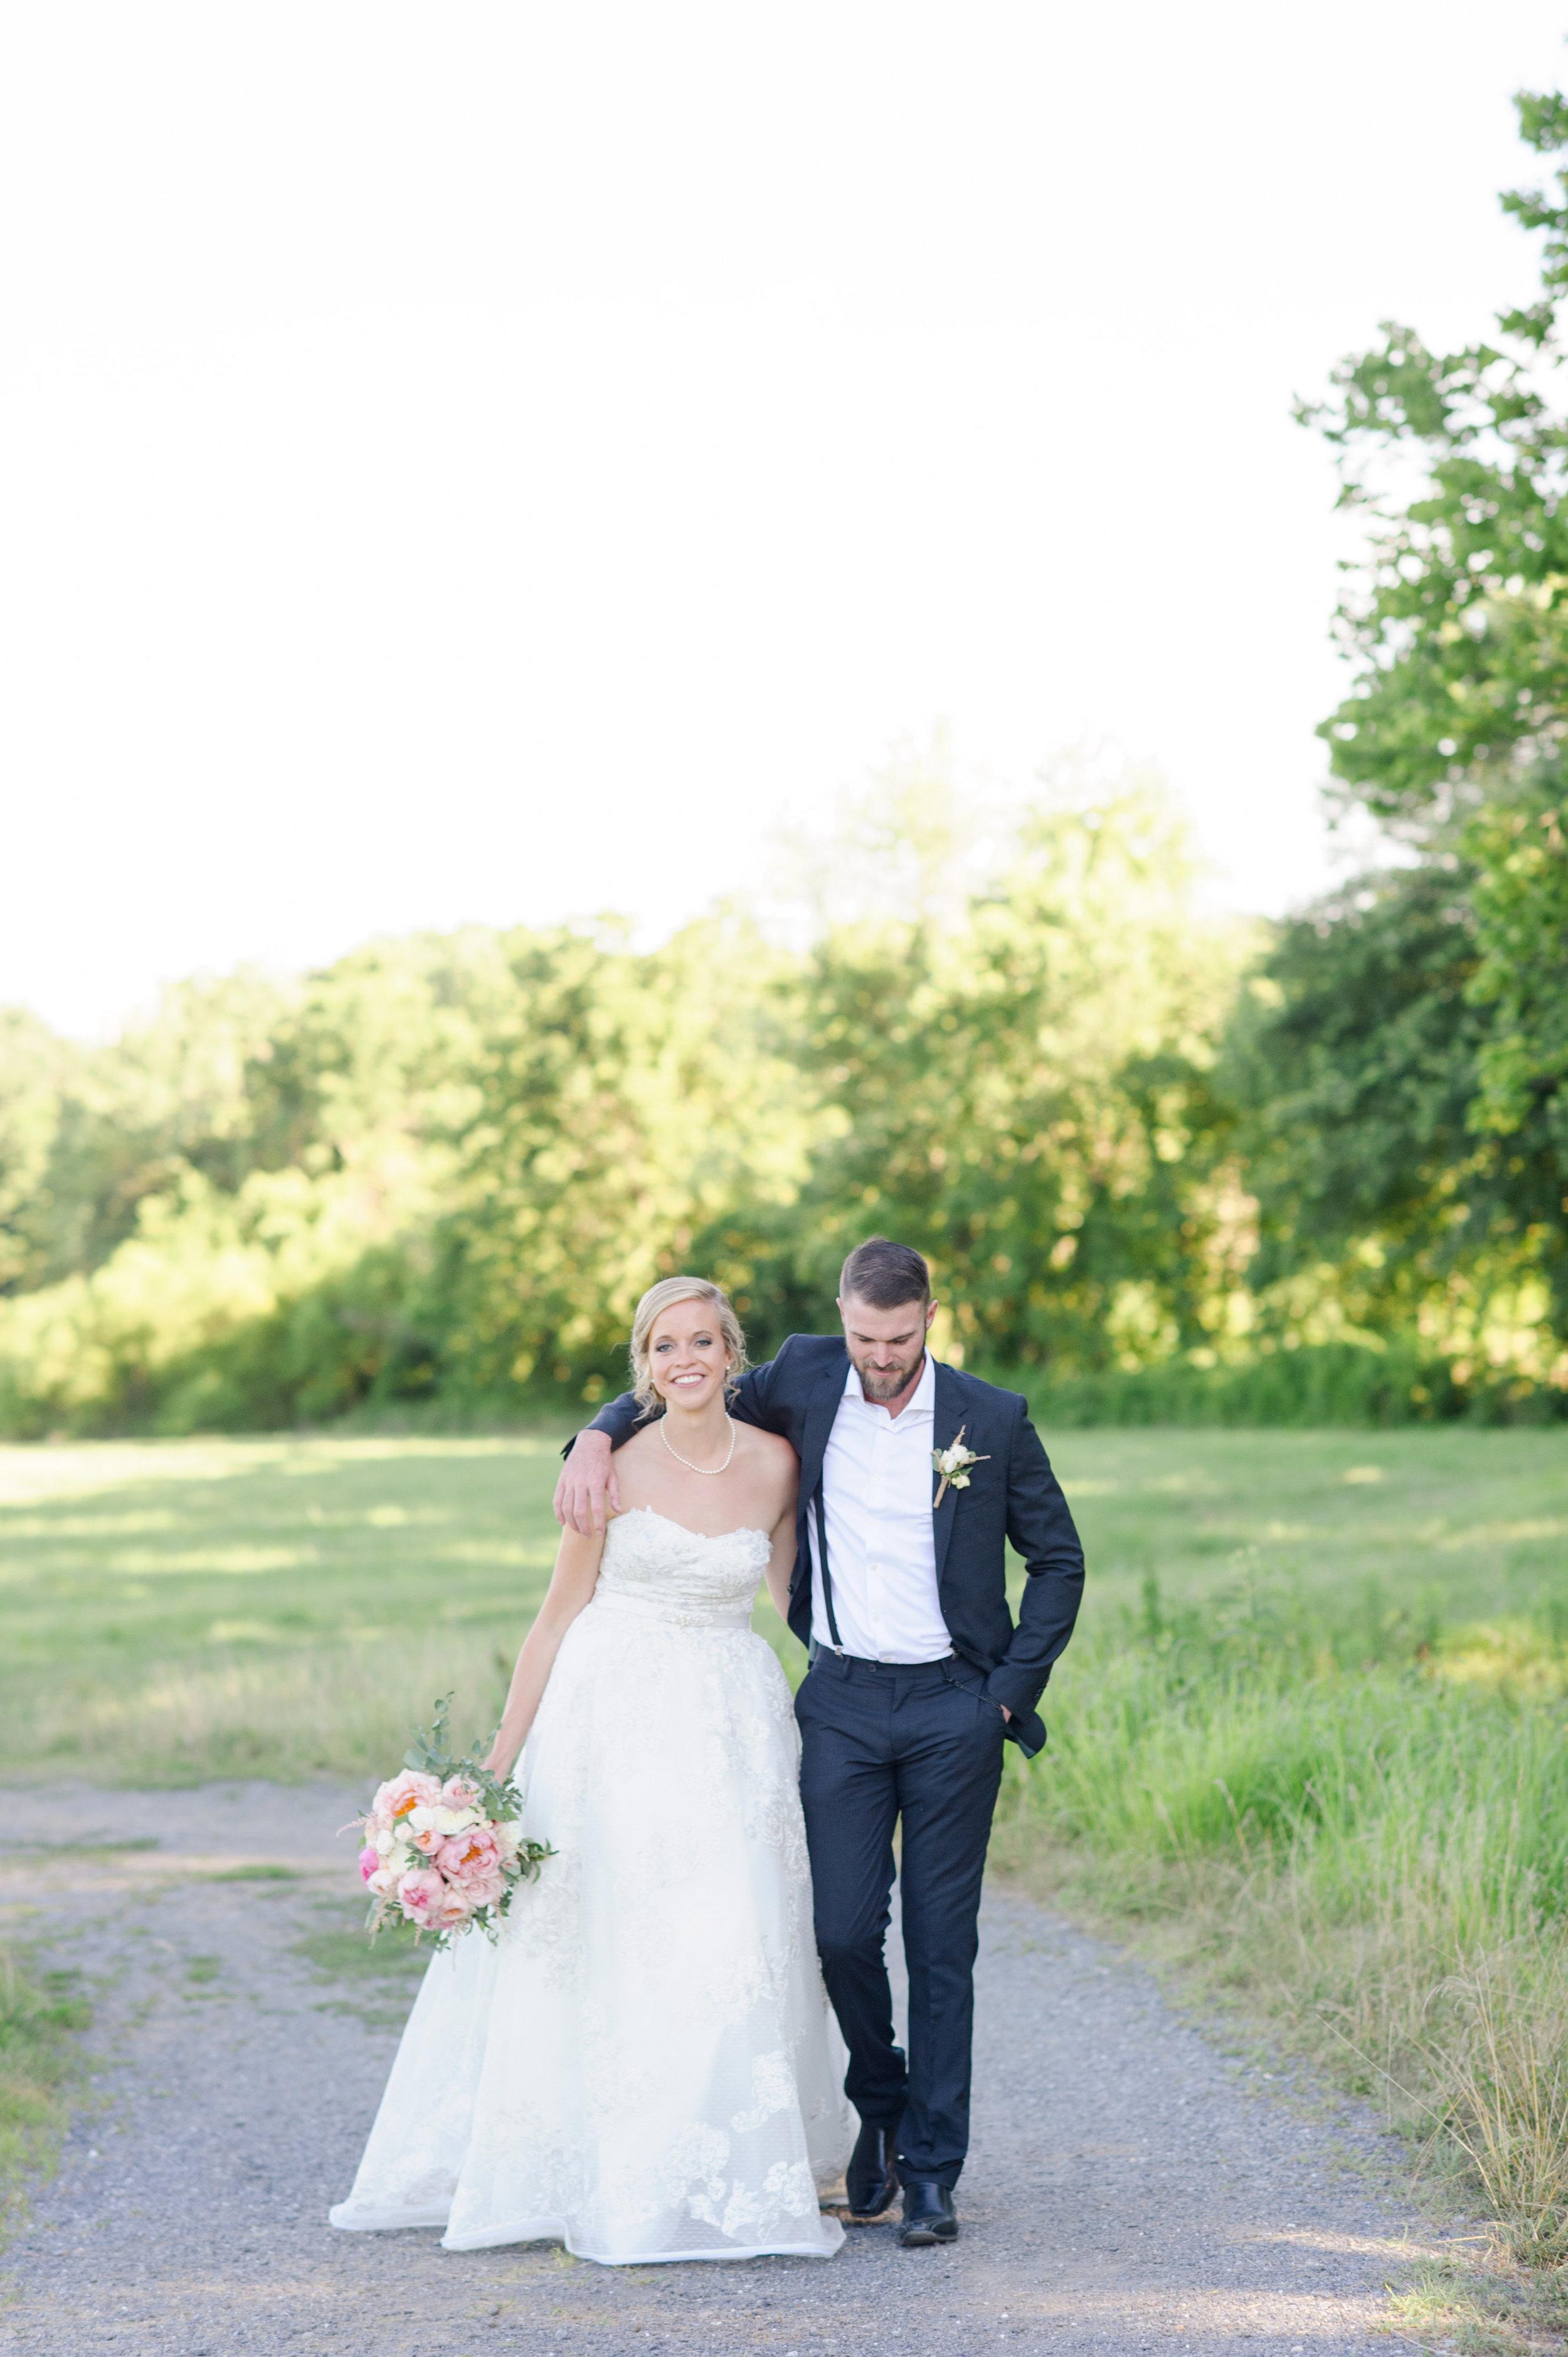 Shane Kelly Married-Bride Groom Portraits-0081.jpg